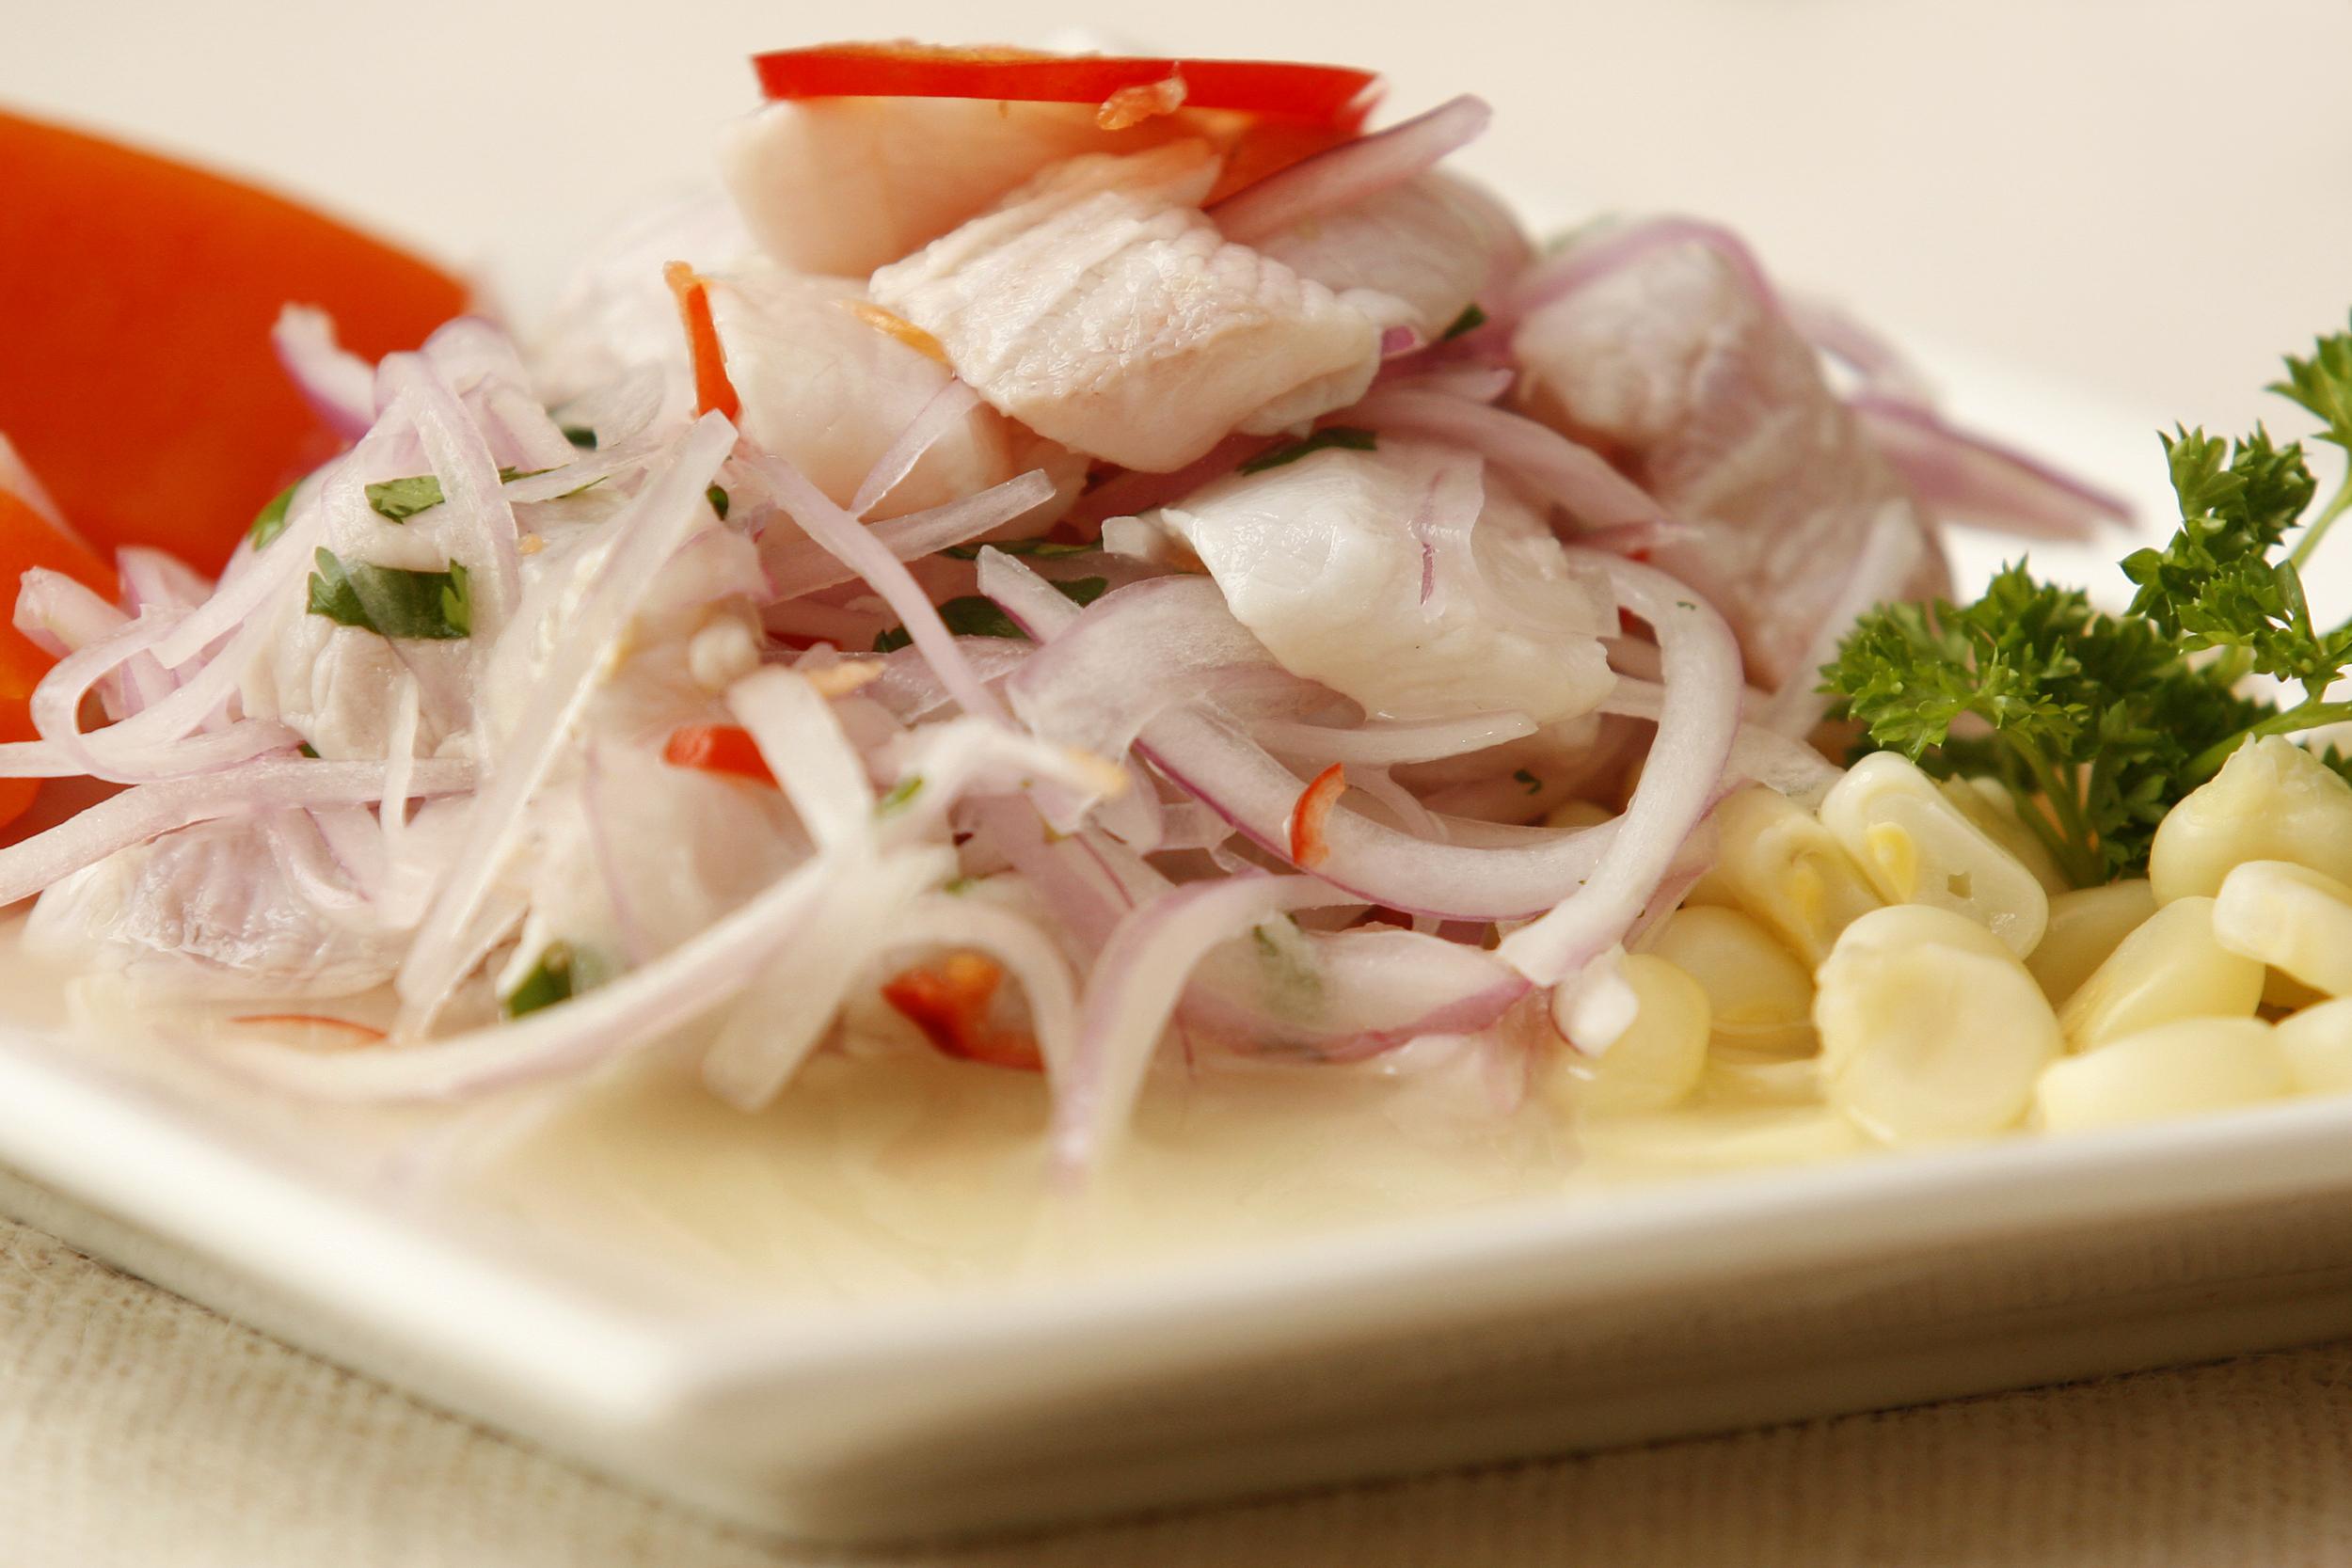 Ceviche, photo courtesy of PromPeru